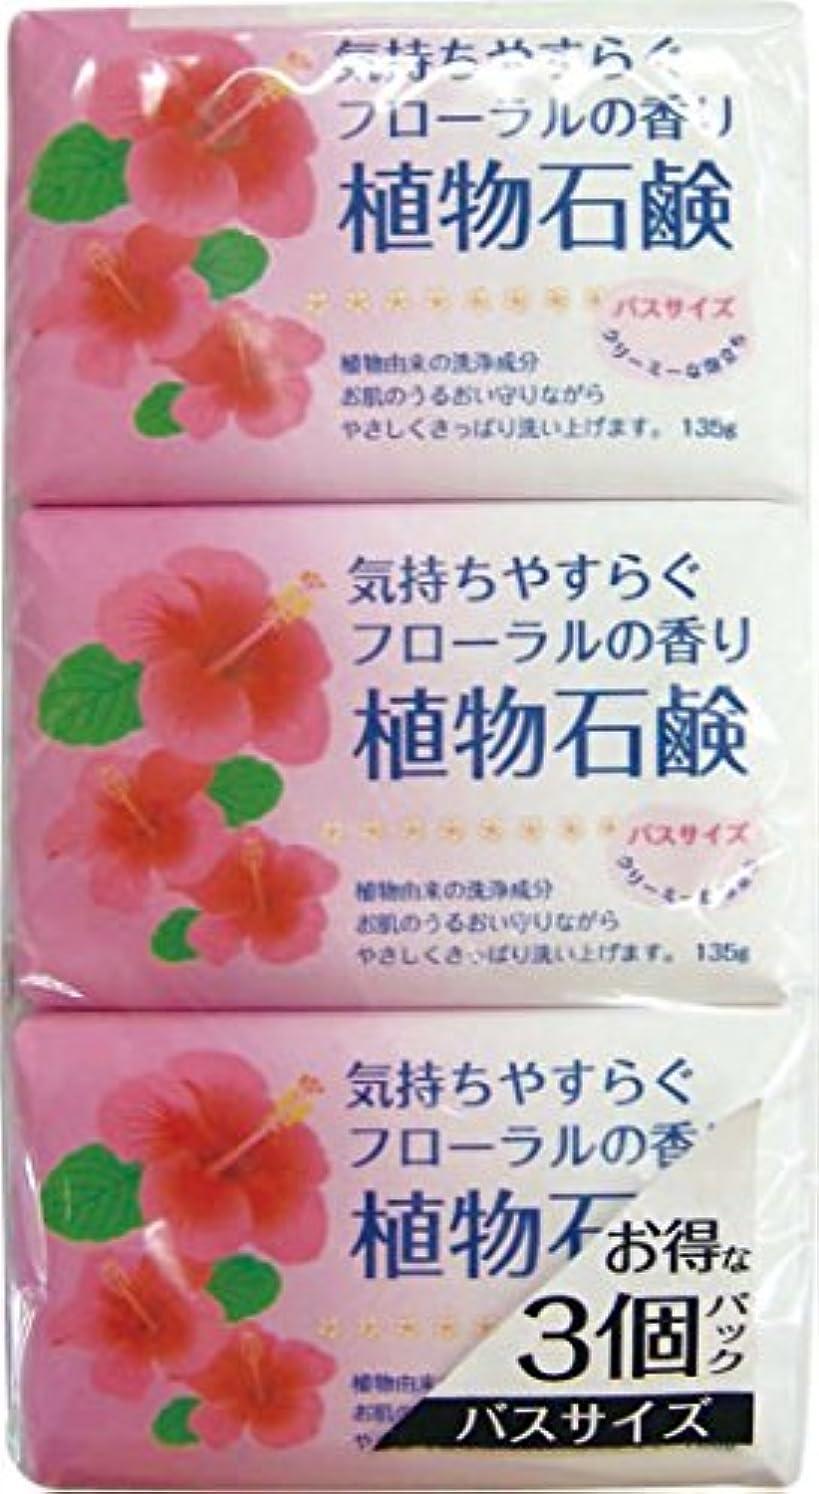 下向き胸伝統香りの植物石鹸 バスサイズ 135g×3個